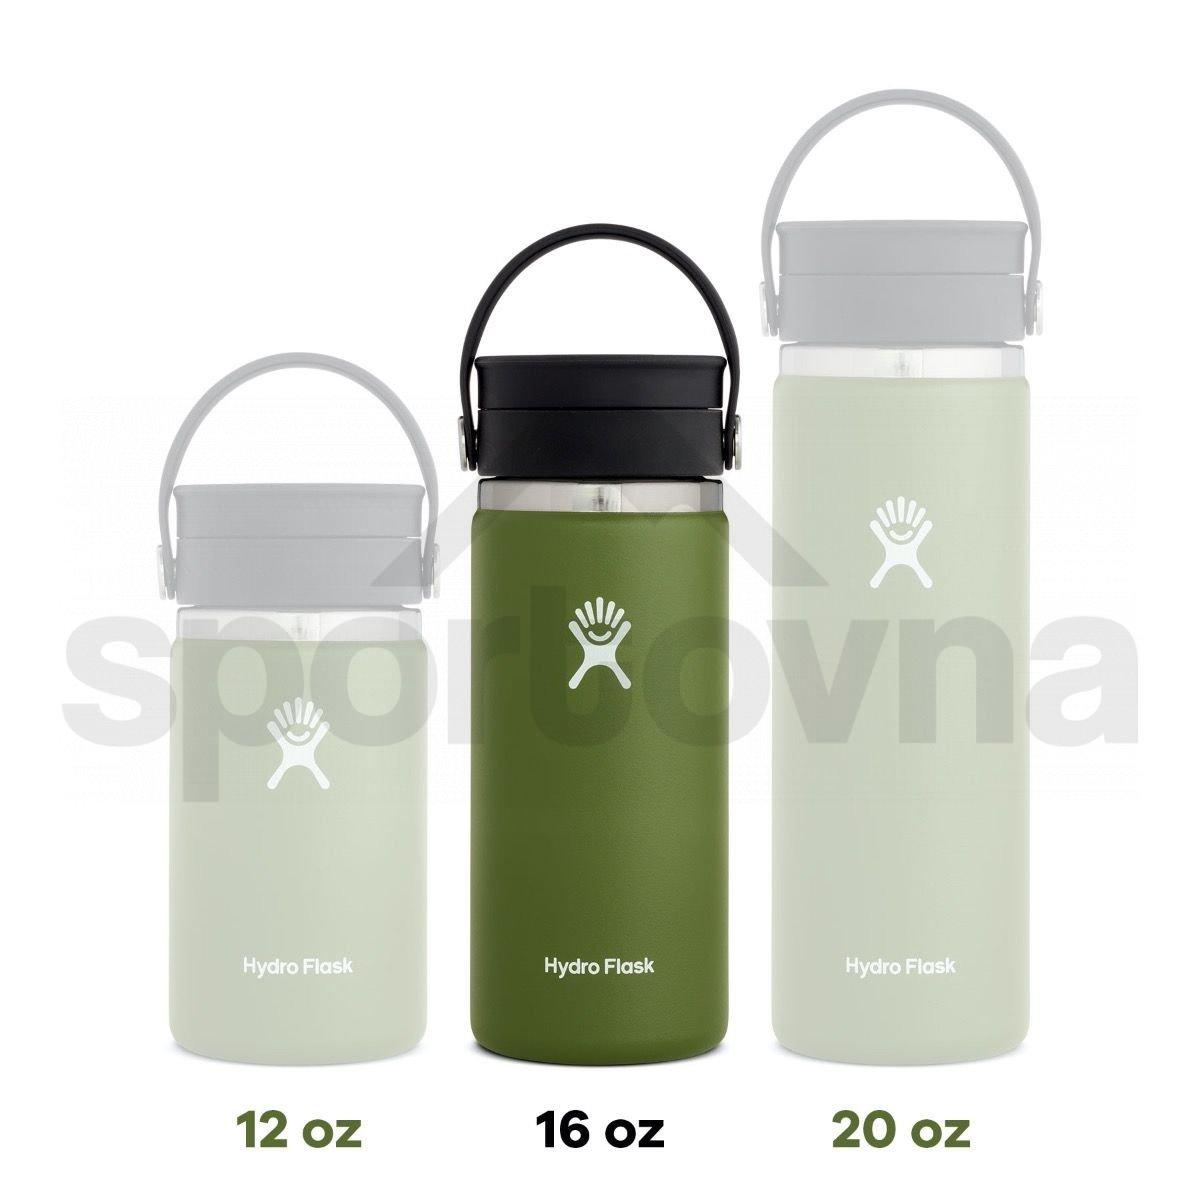 Termohrnek Hydro Flask Coffee Wide Mouth Flex Sip Lid 16 oz - bílá